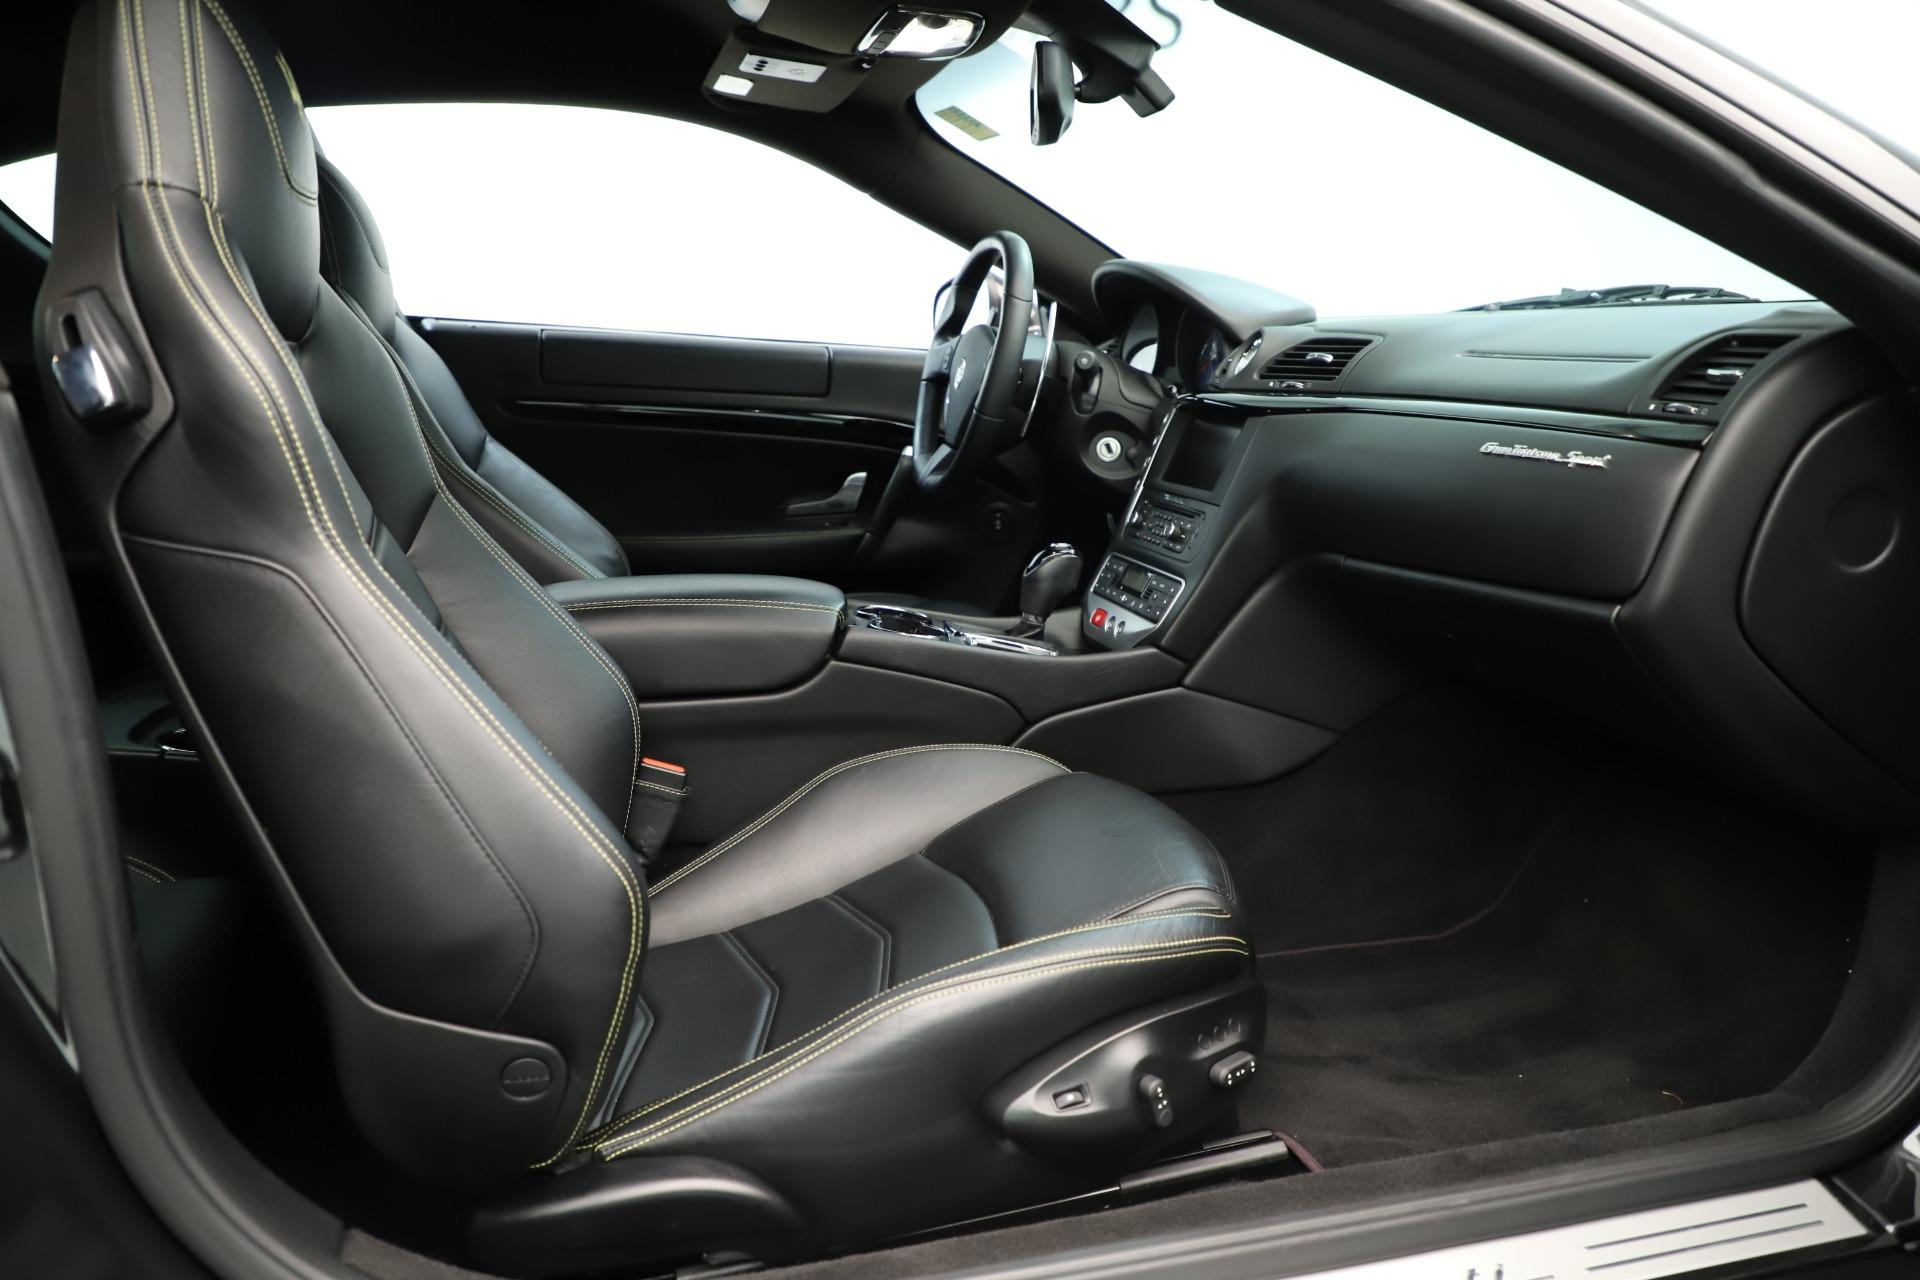 Used 2013 Maserati GranTurismo Sport For Sale In Westport, CT 3327_p20